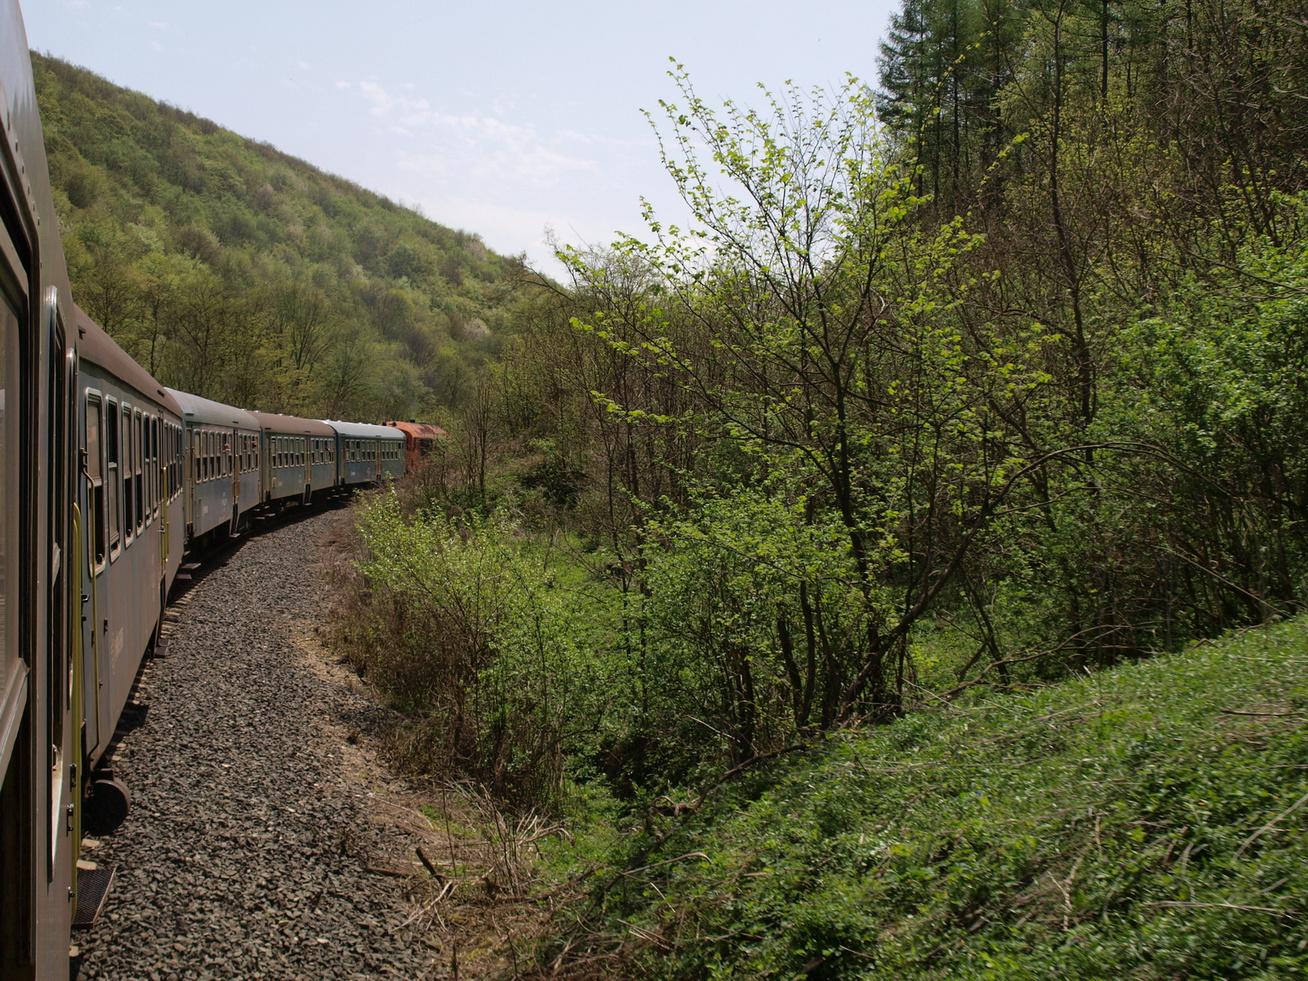 cuha völgy vasút